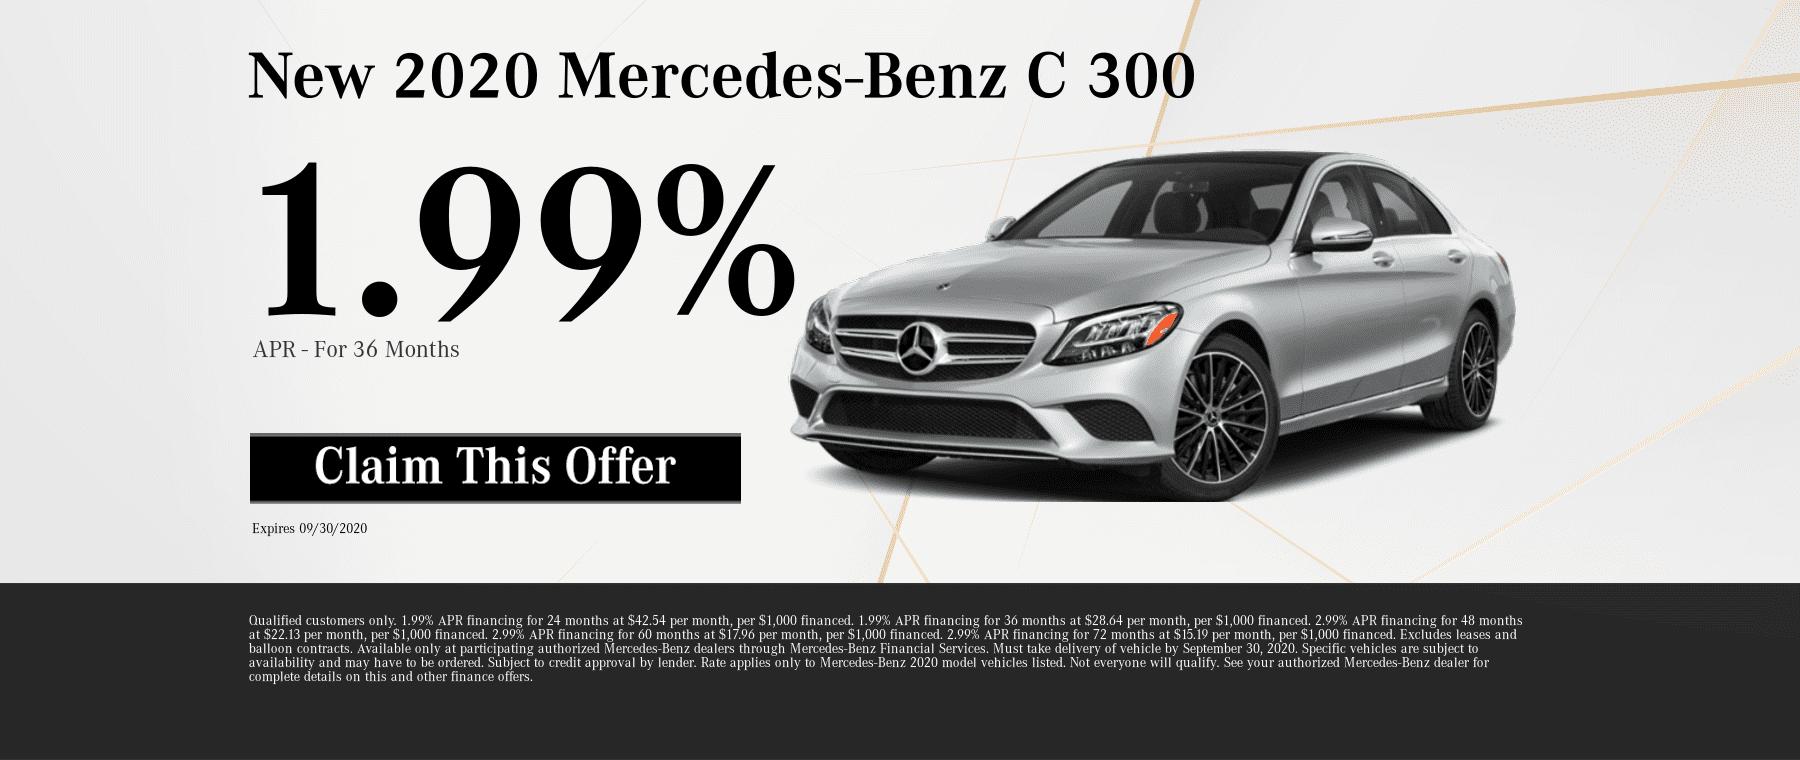 2020-Mercedes-Benz-C 300-C 300-Sedan-100